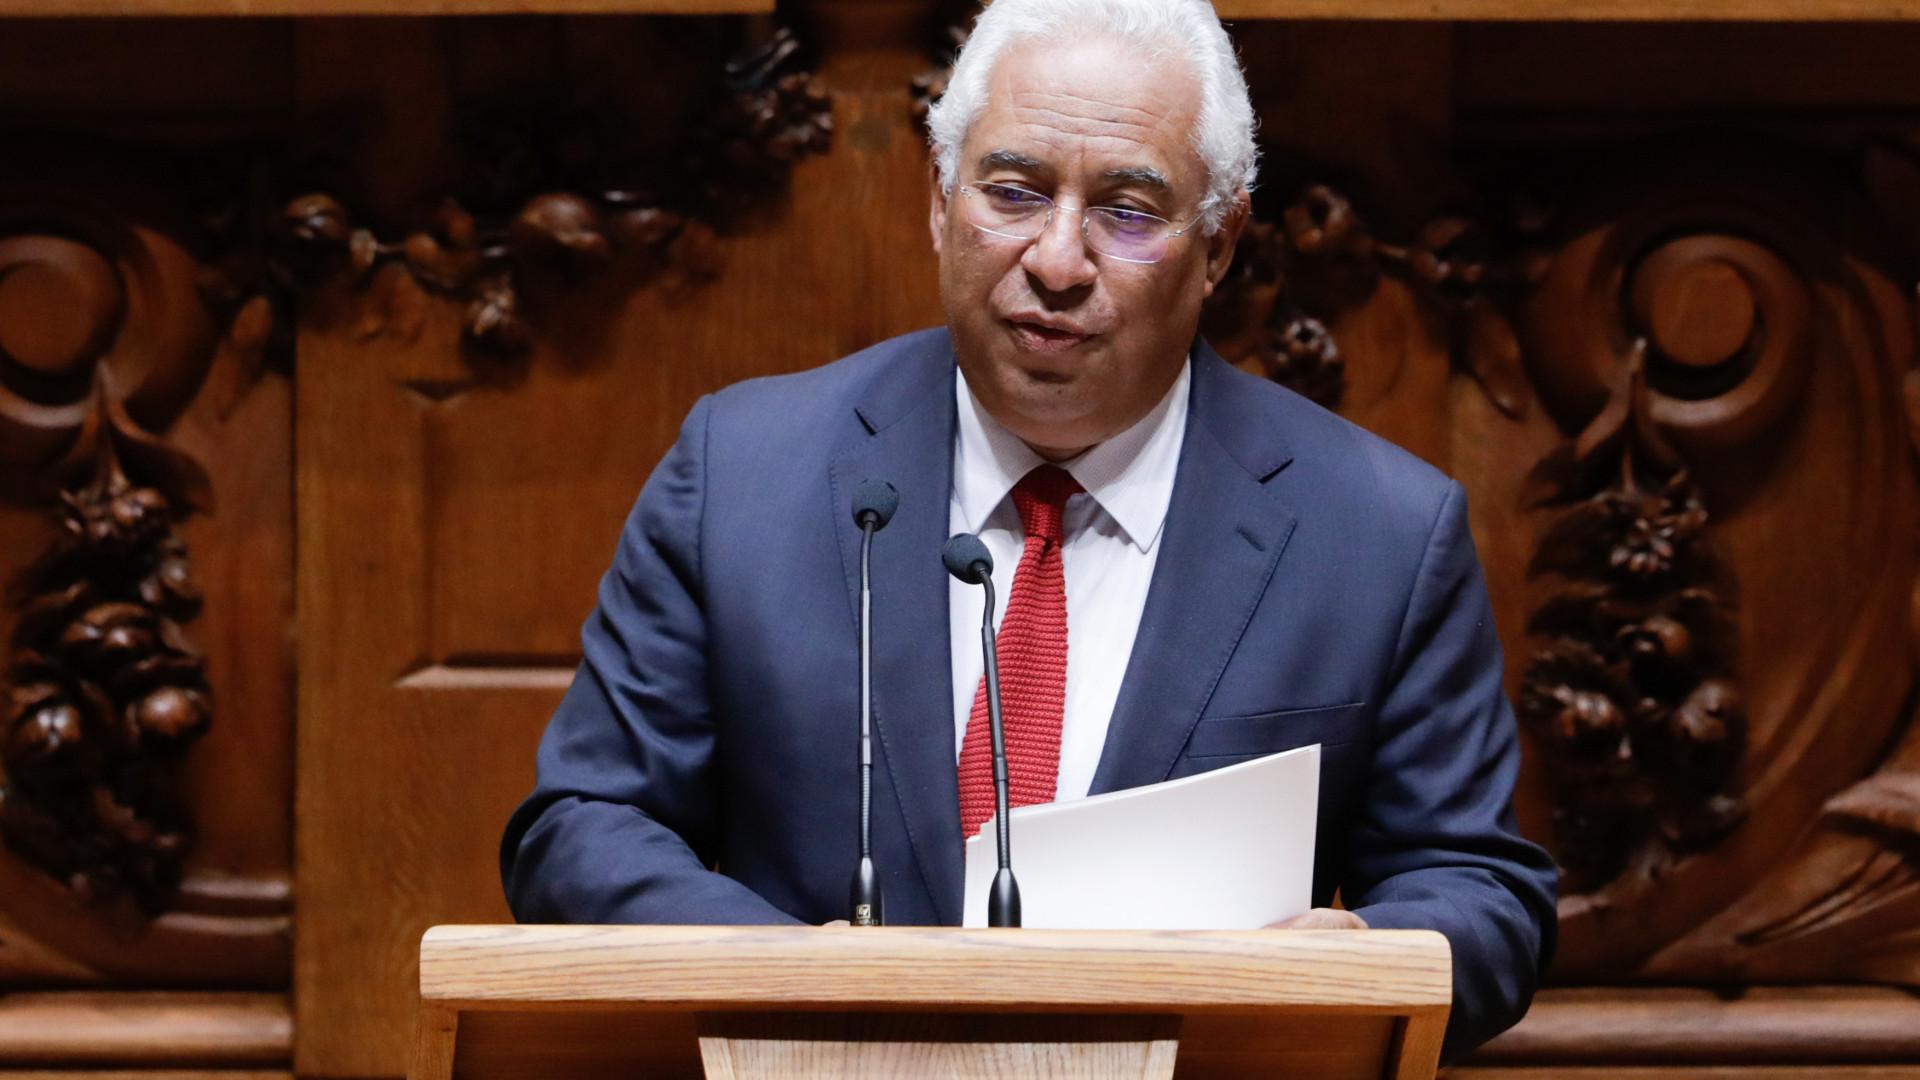 Costa promete melhorar rendimentos das famílias e incentivos das empresas